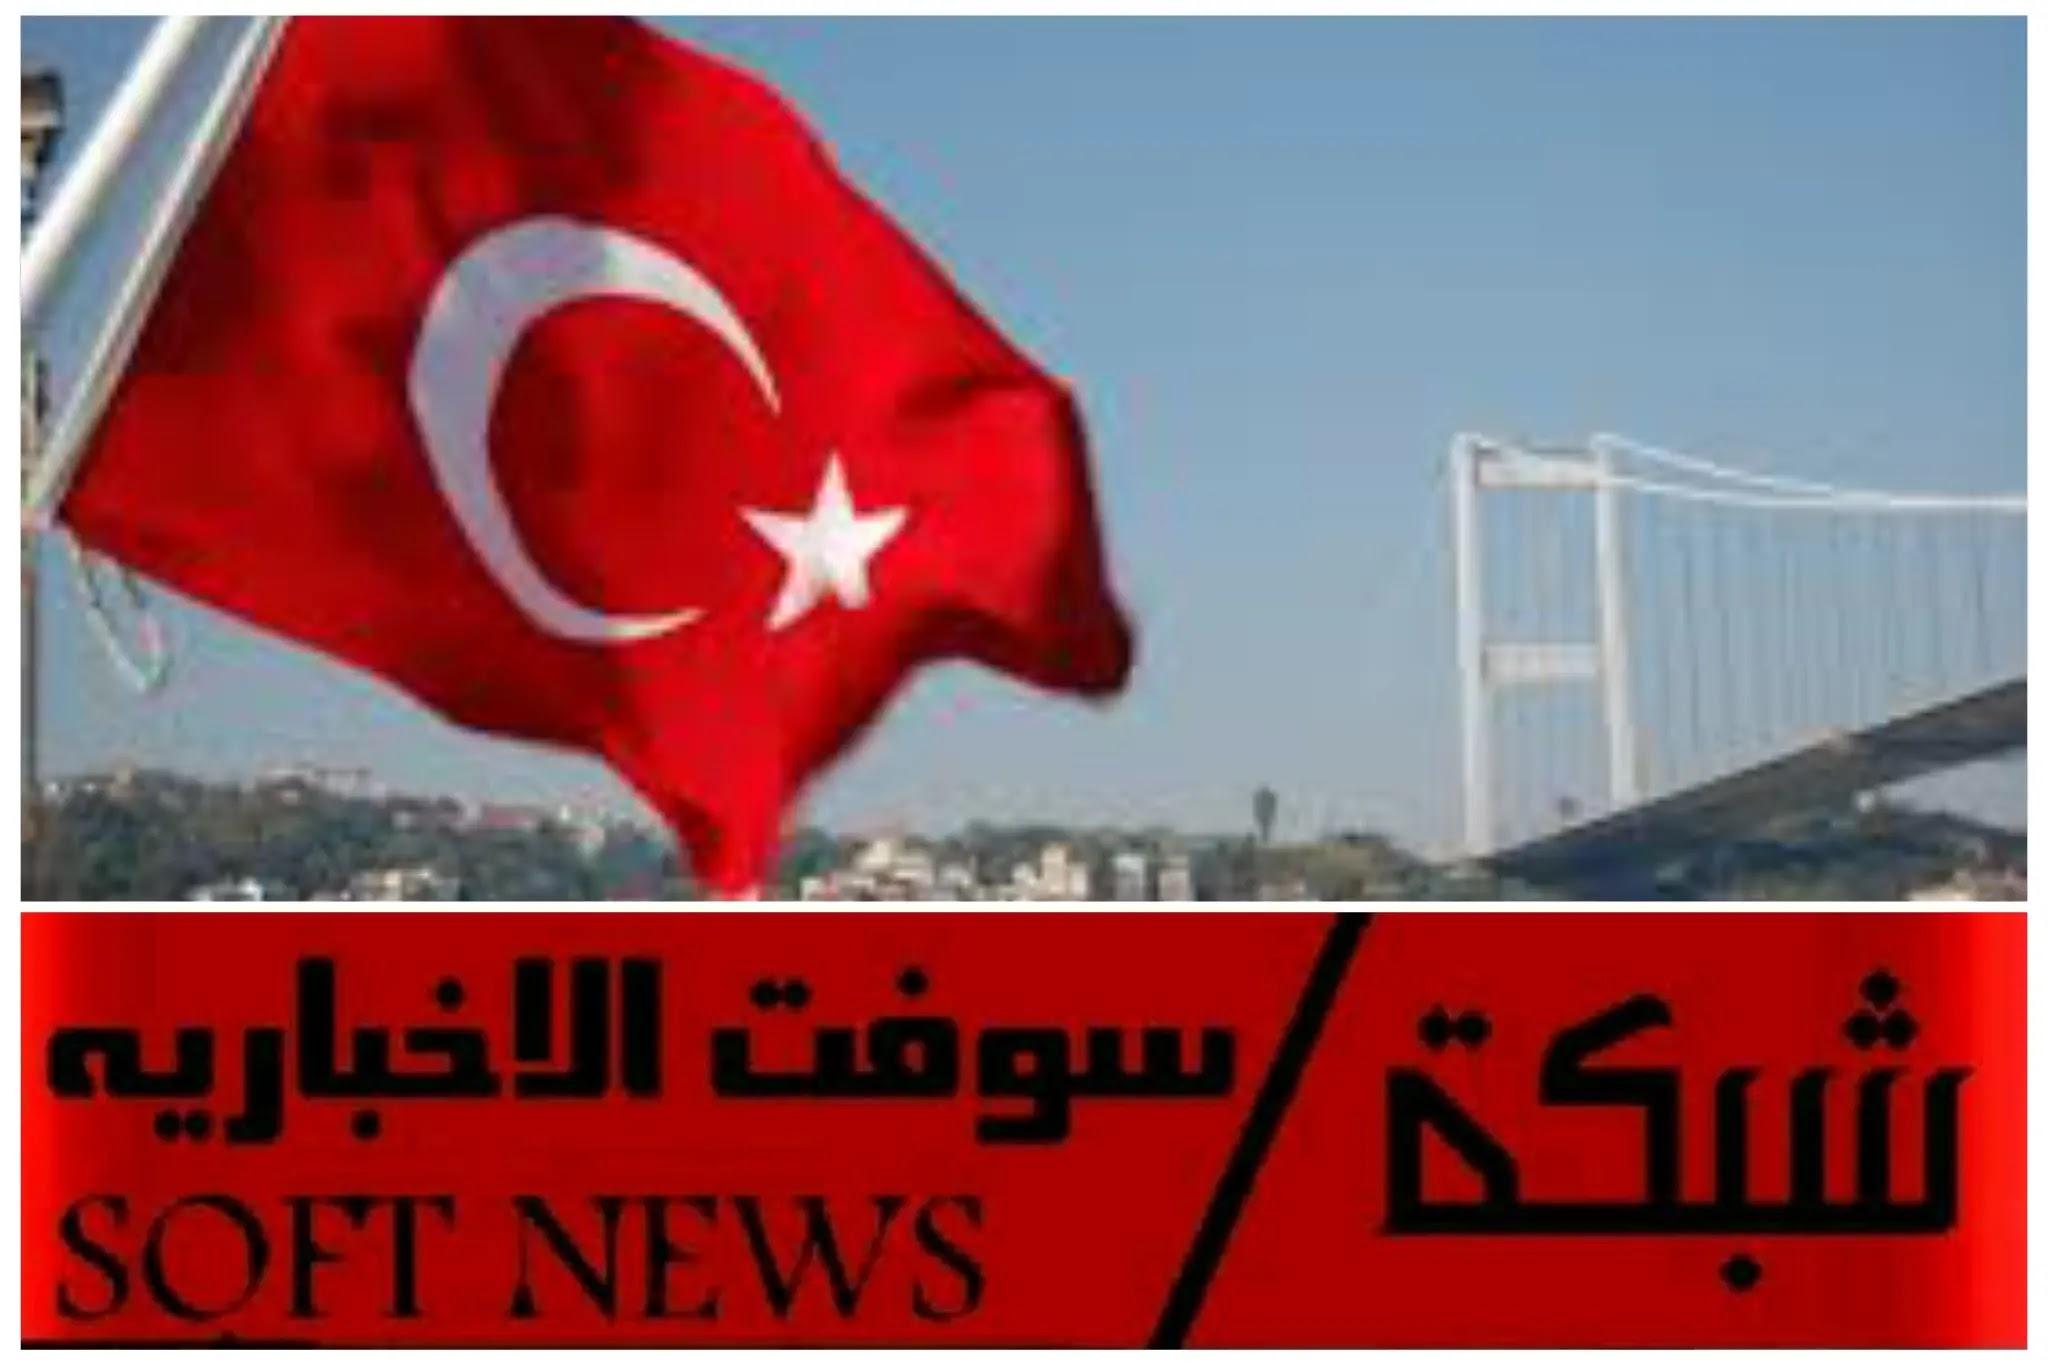 اخبار العراق: مقتل جنديين وأصابه اخر في تركياء في هجوم بشمال العراق